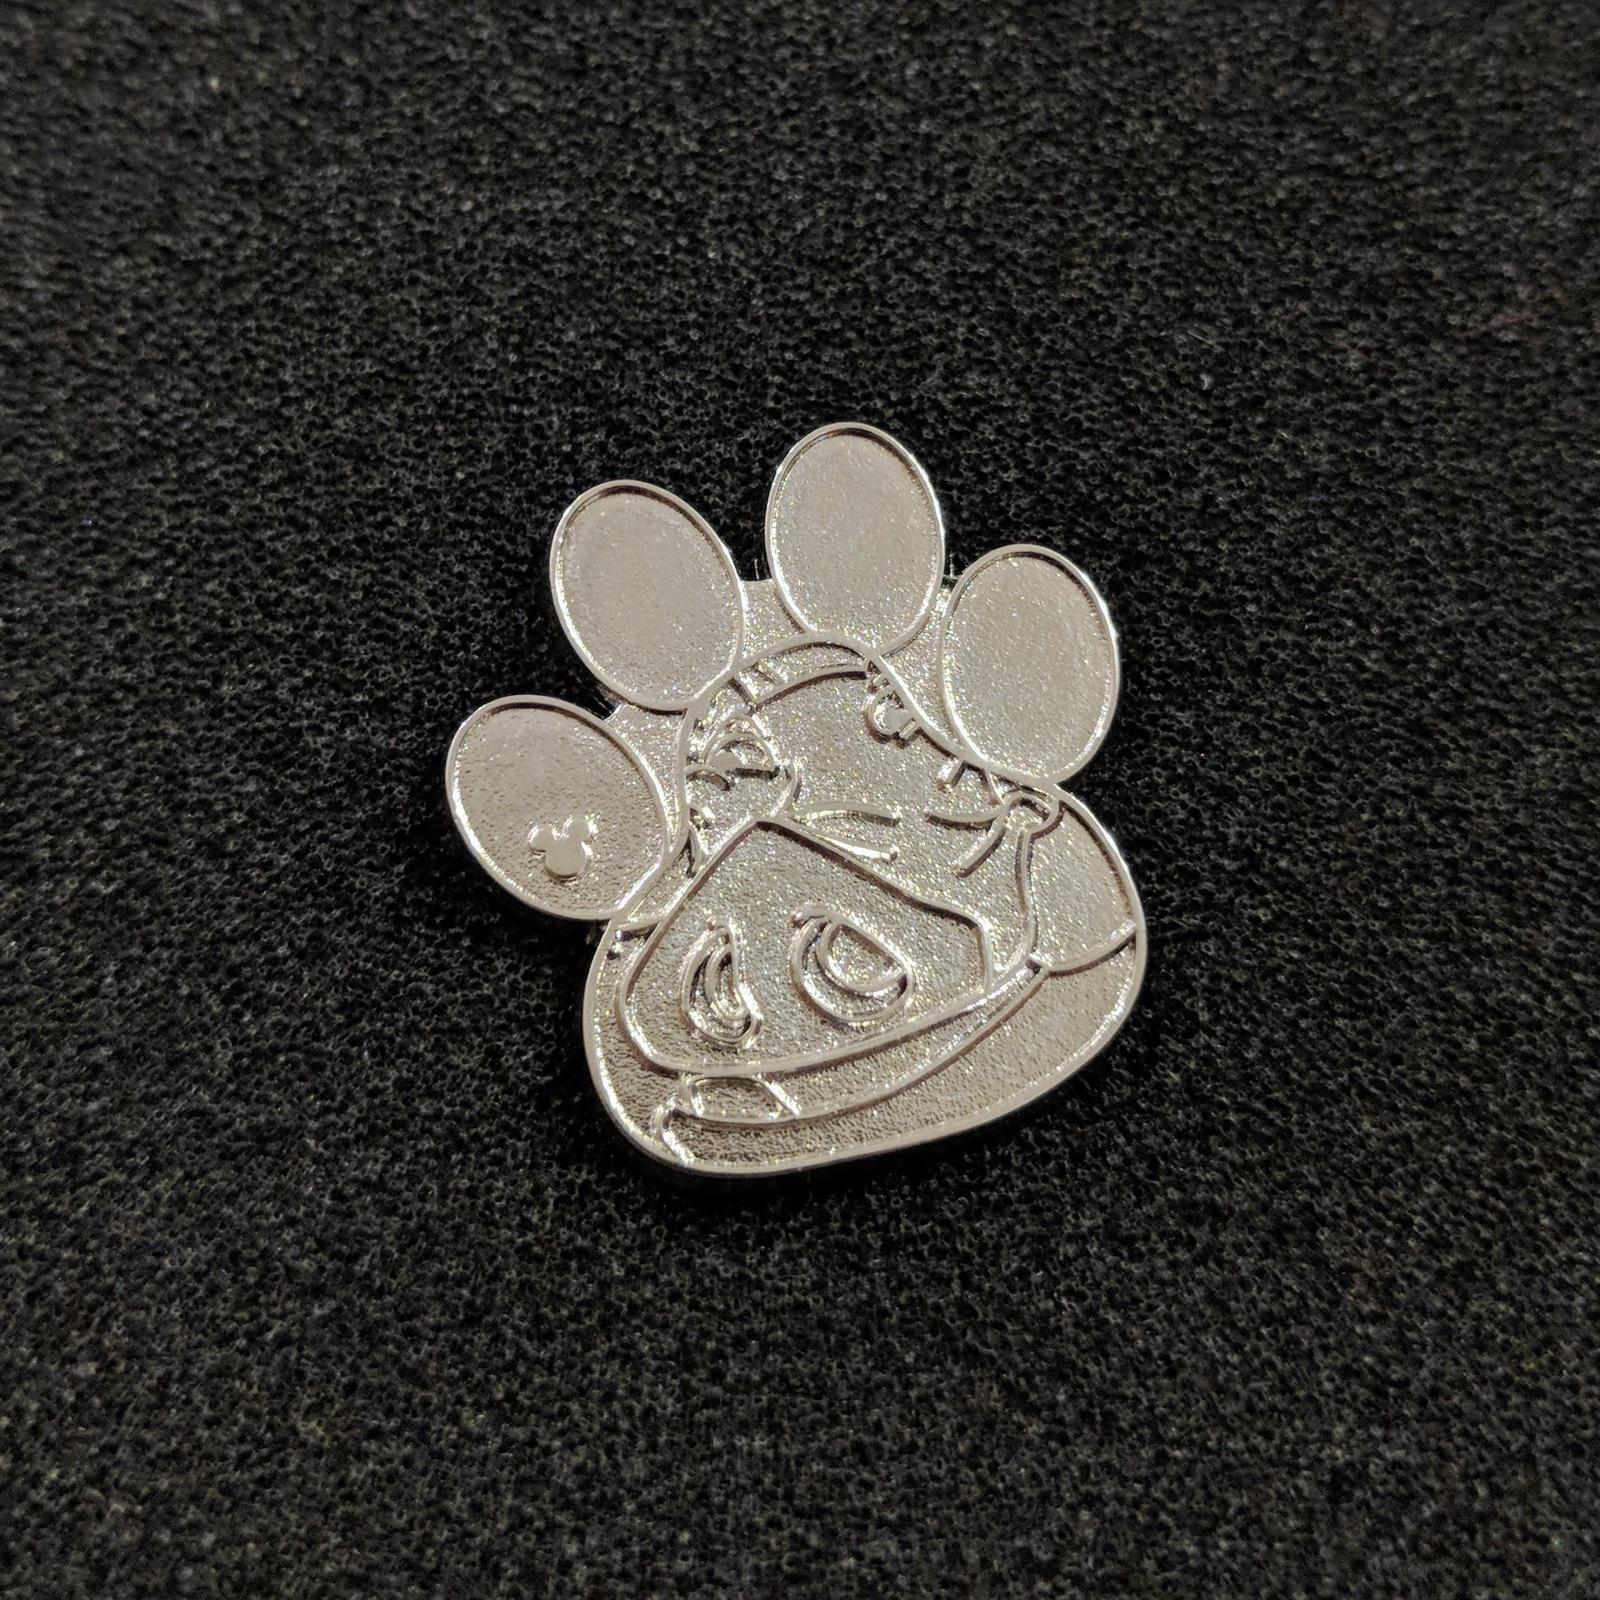 Pumbaa Paw Print Chaser. Lion King Disney Lapel Pin (a)